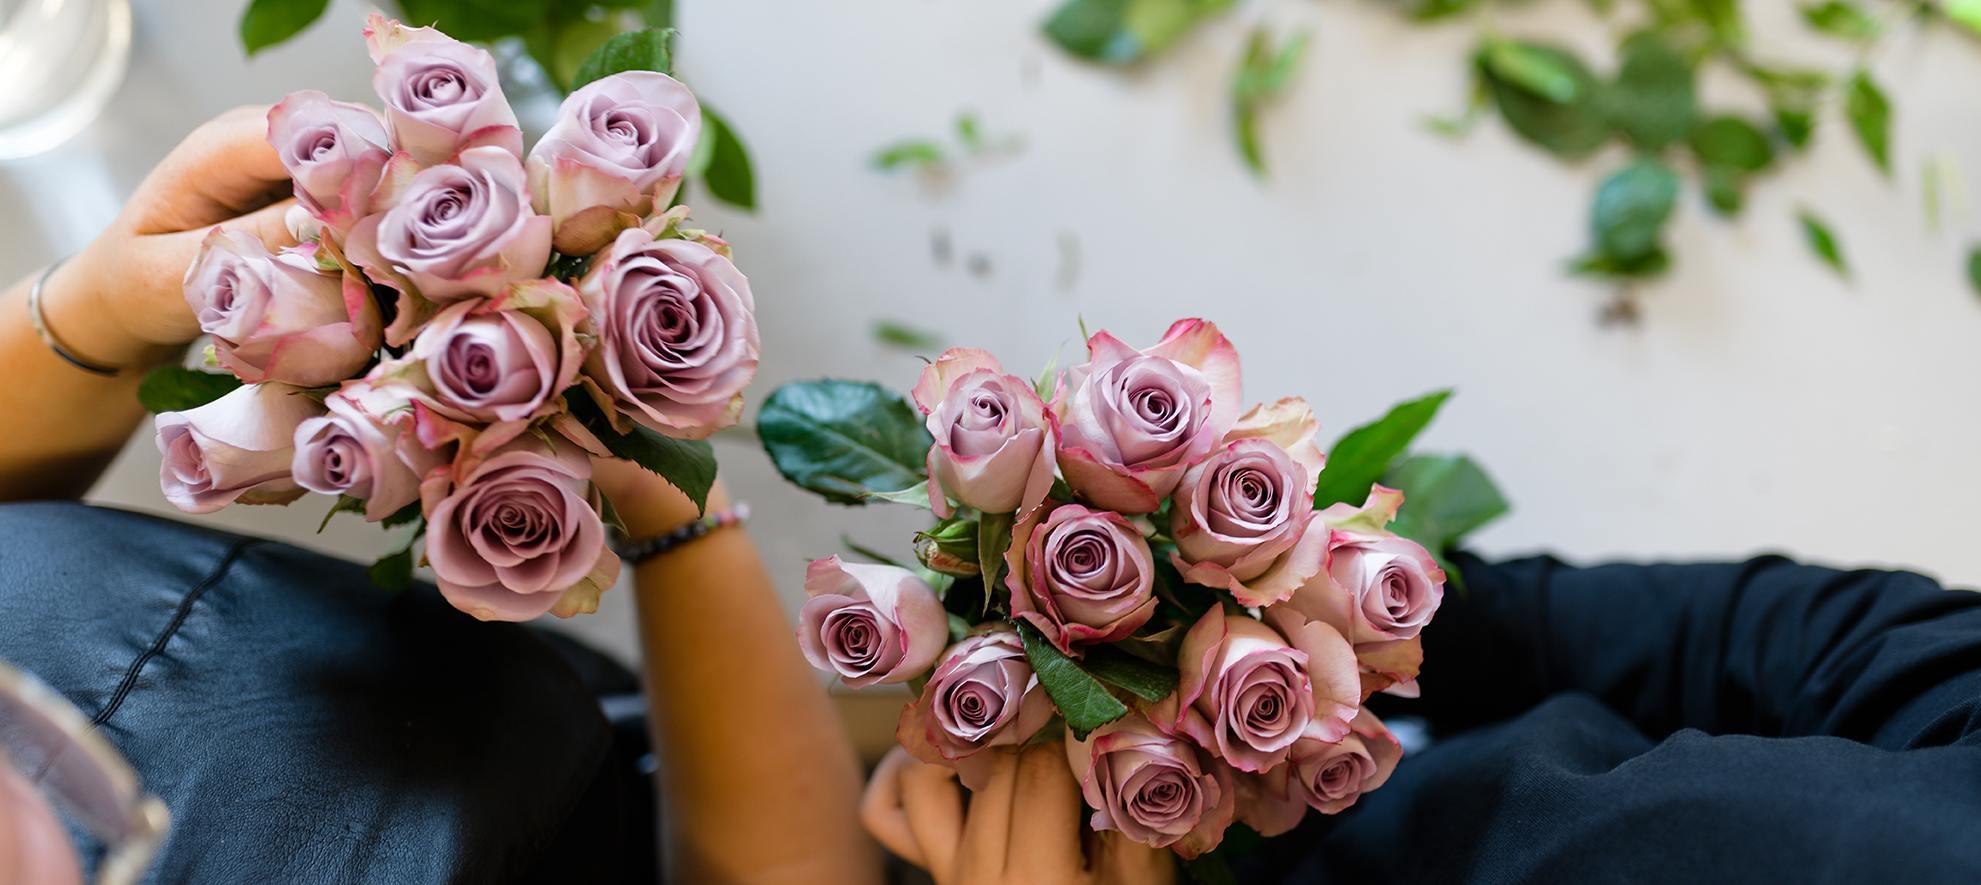 Hantverksprogrammet, Florist